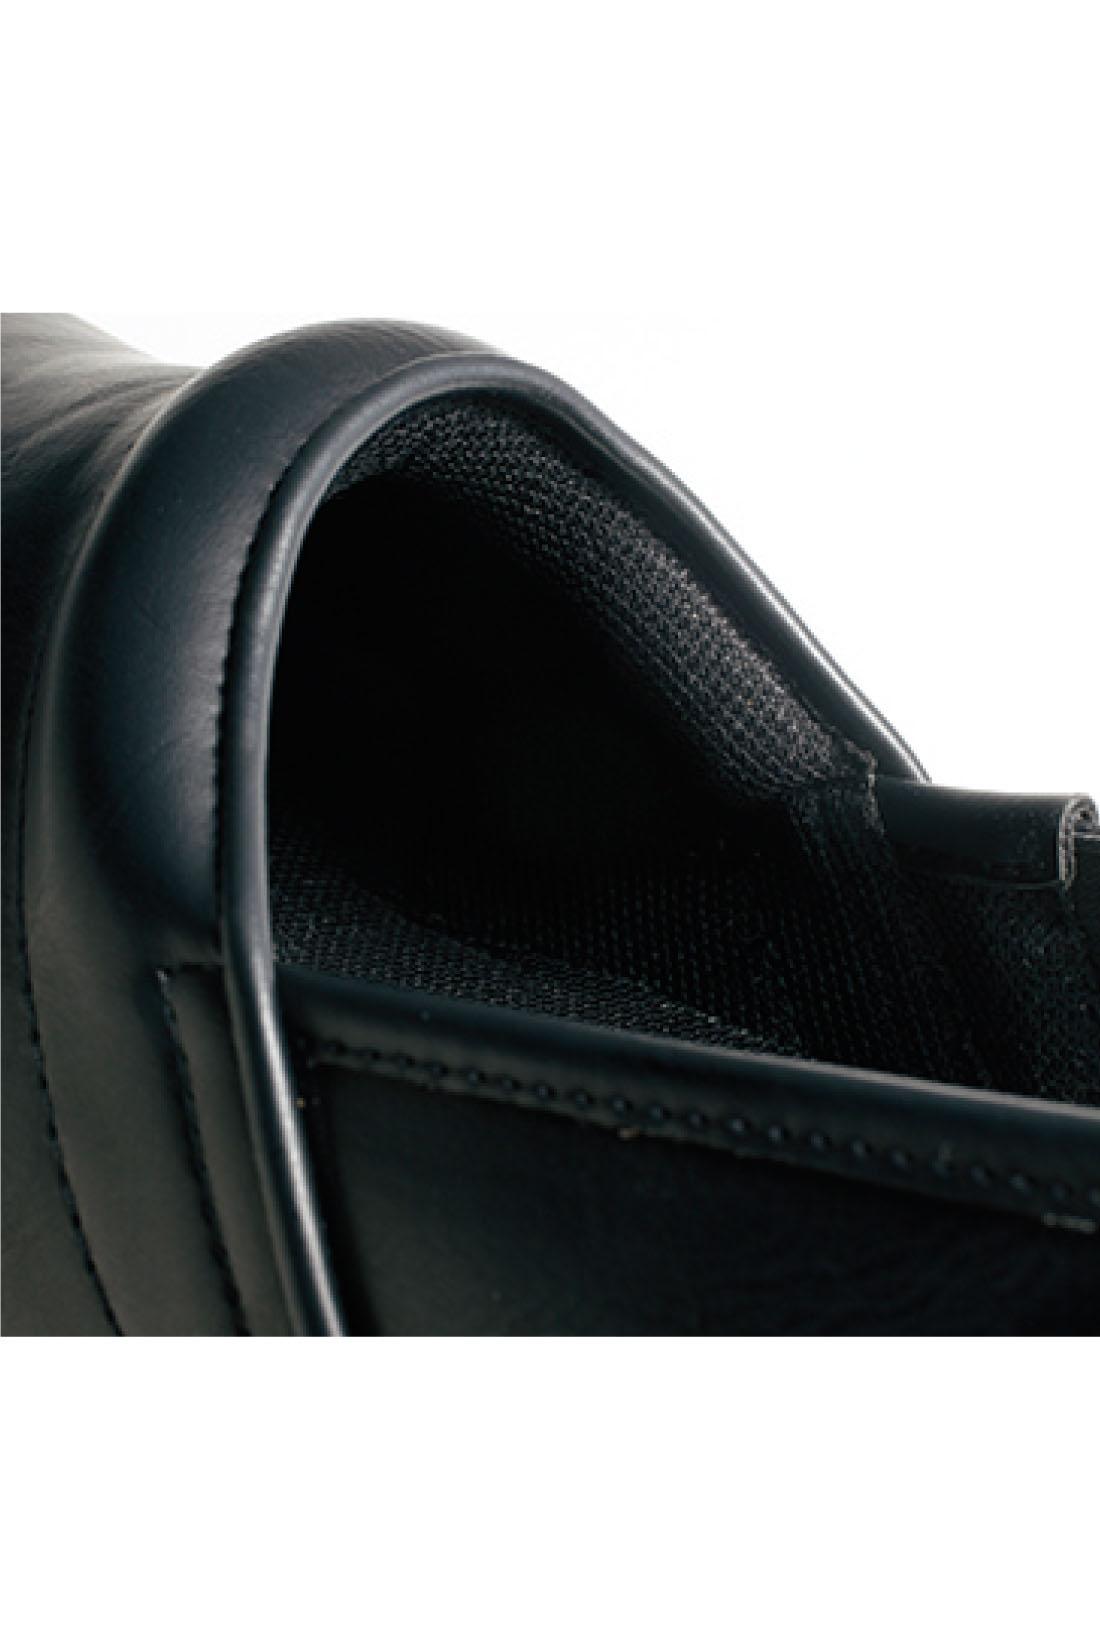 足が当たる履き口の内側や中敷きはふかふかなクッション入り。